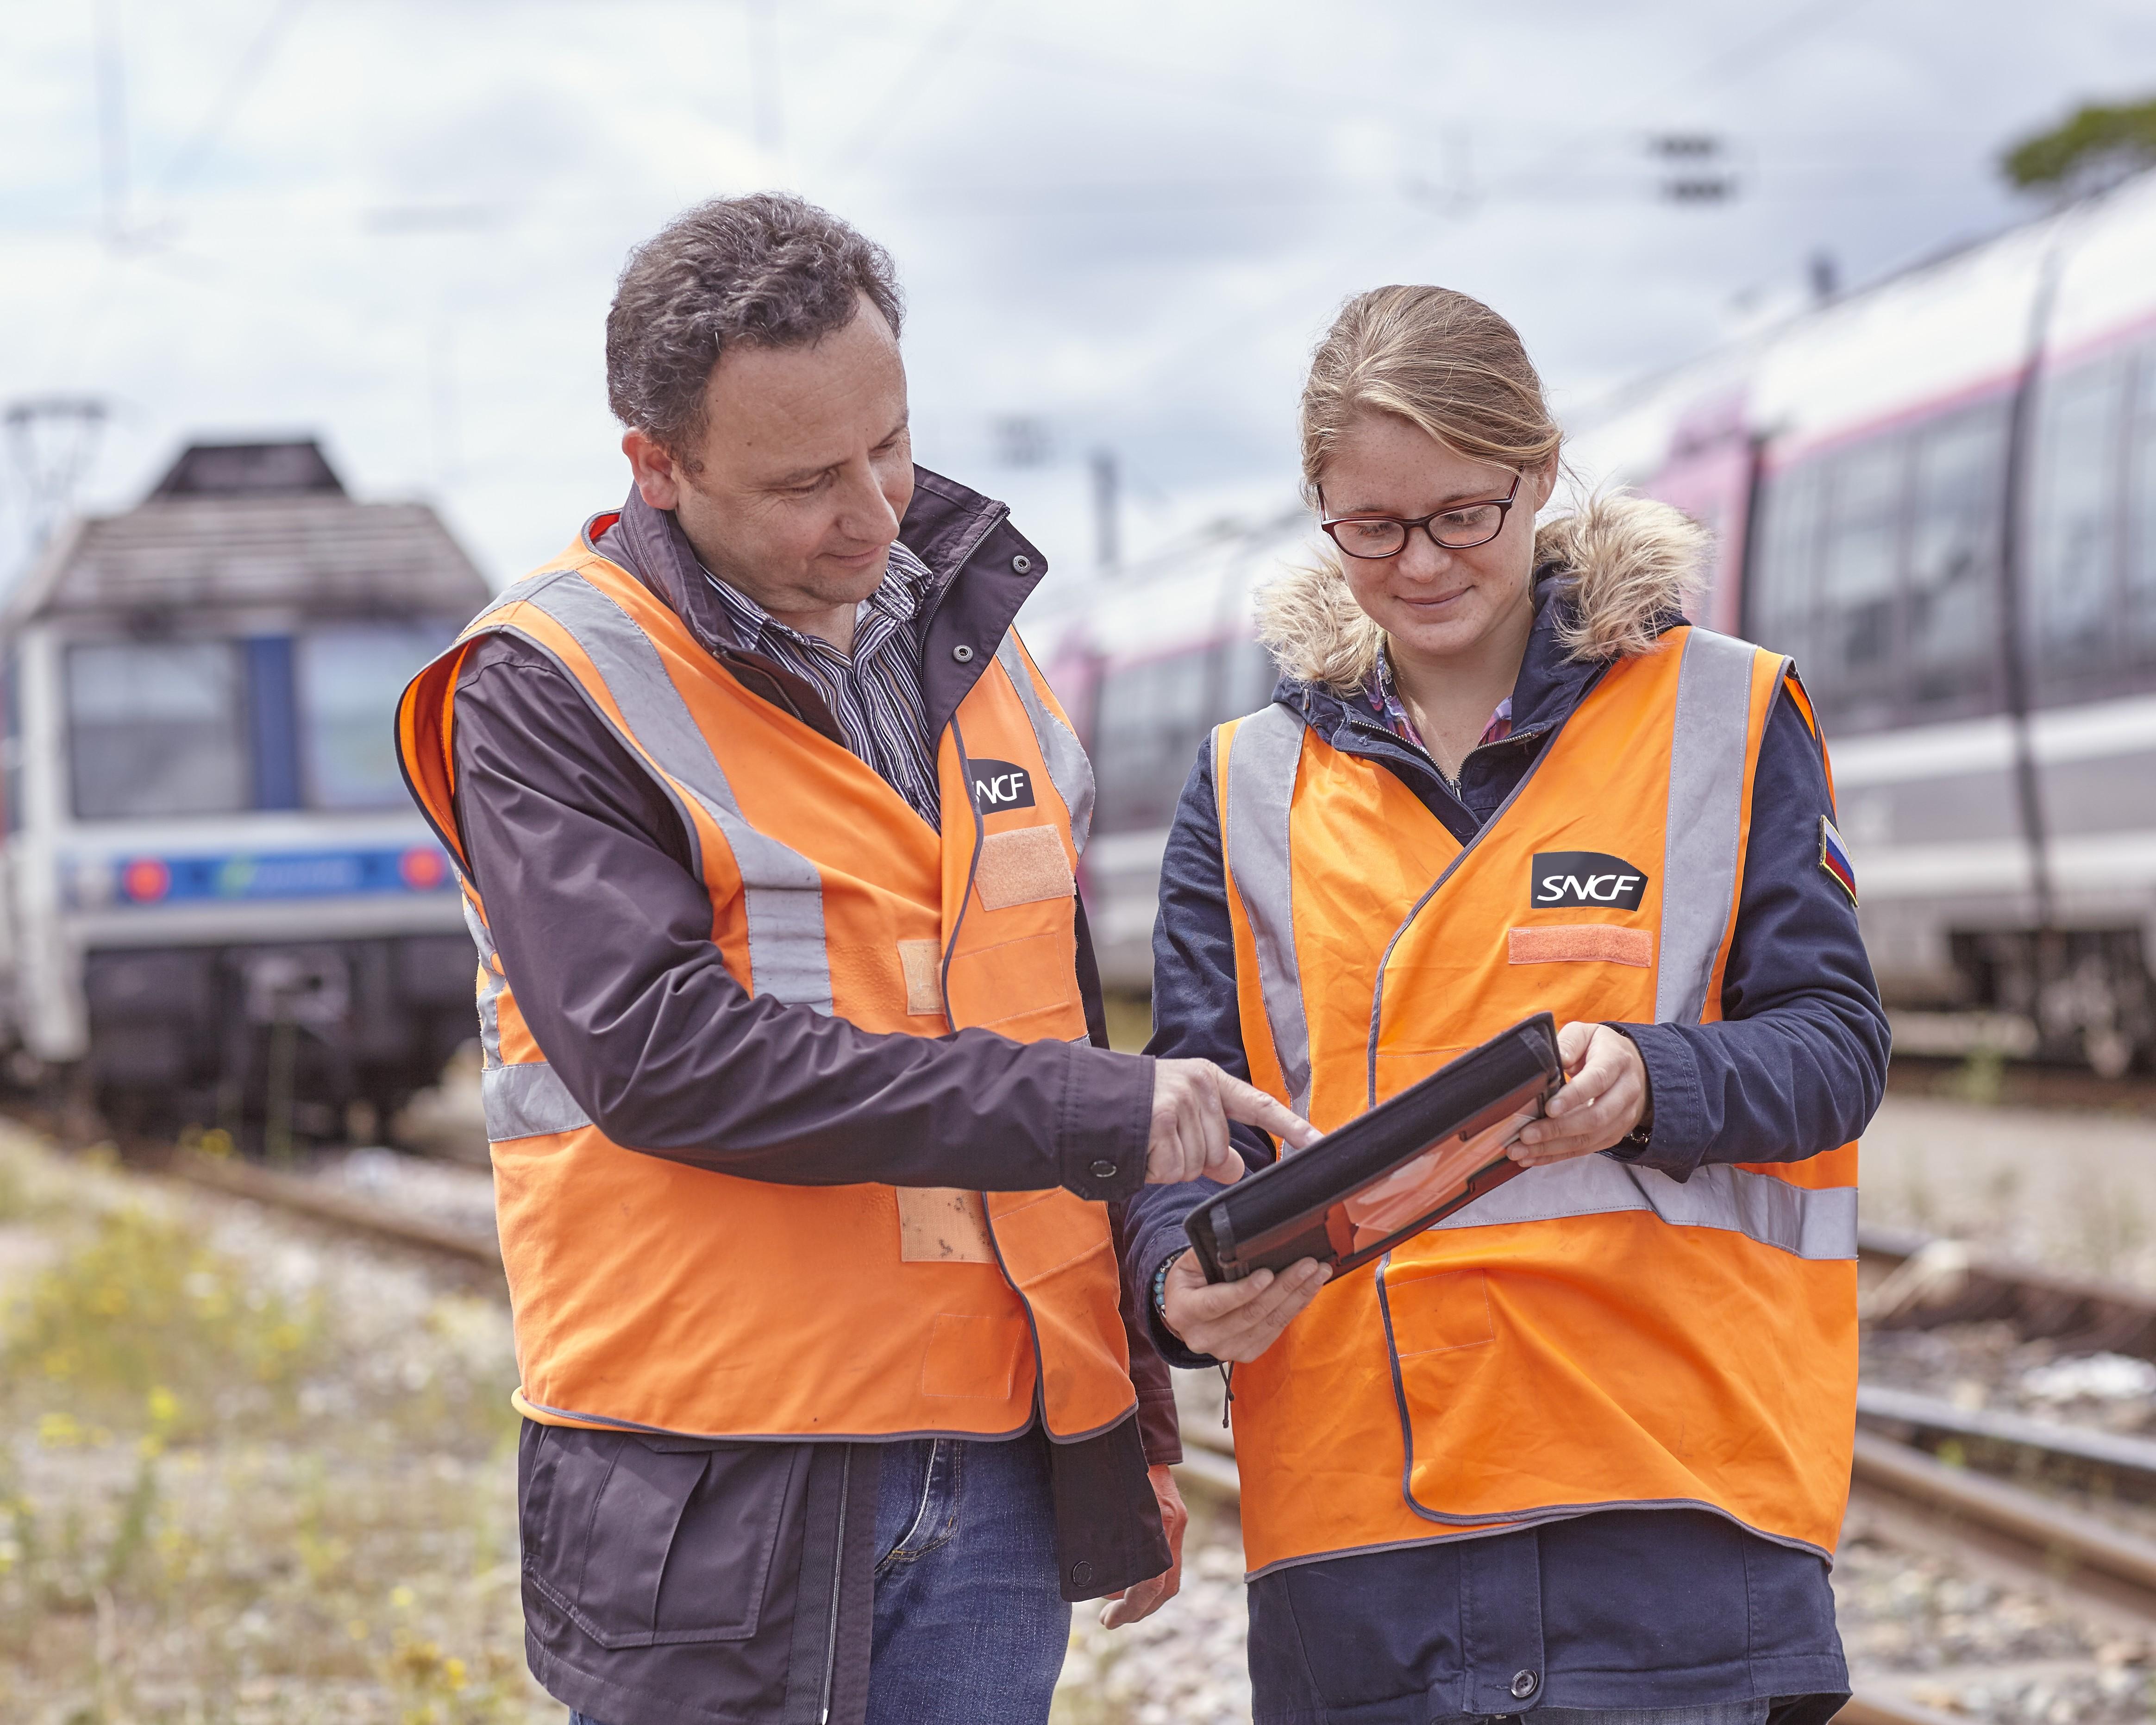 SNCF forme ses collaborateurs et collaboratrices. 70% des salariés bénéficient en moyenne de 40 heures de formation chaque année